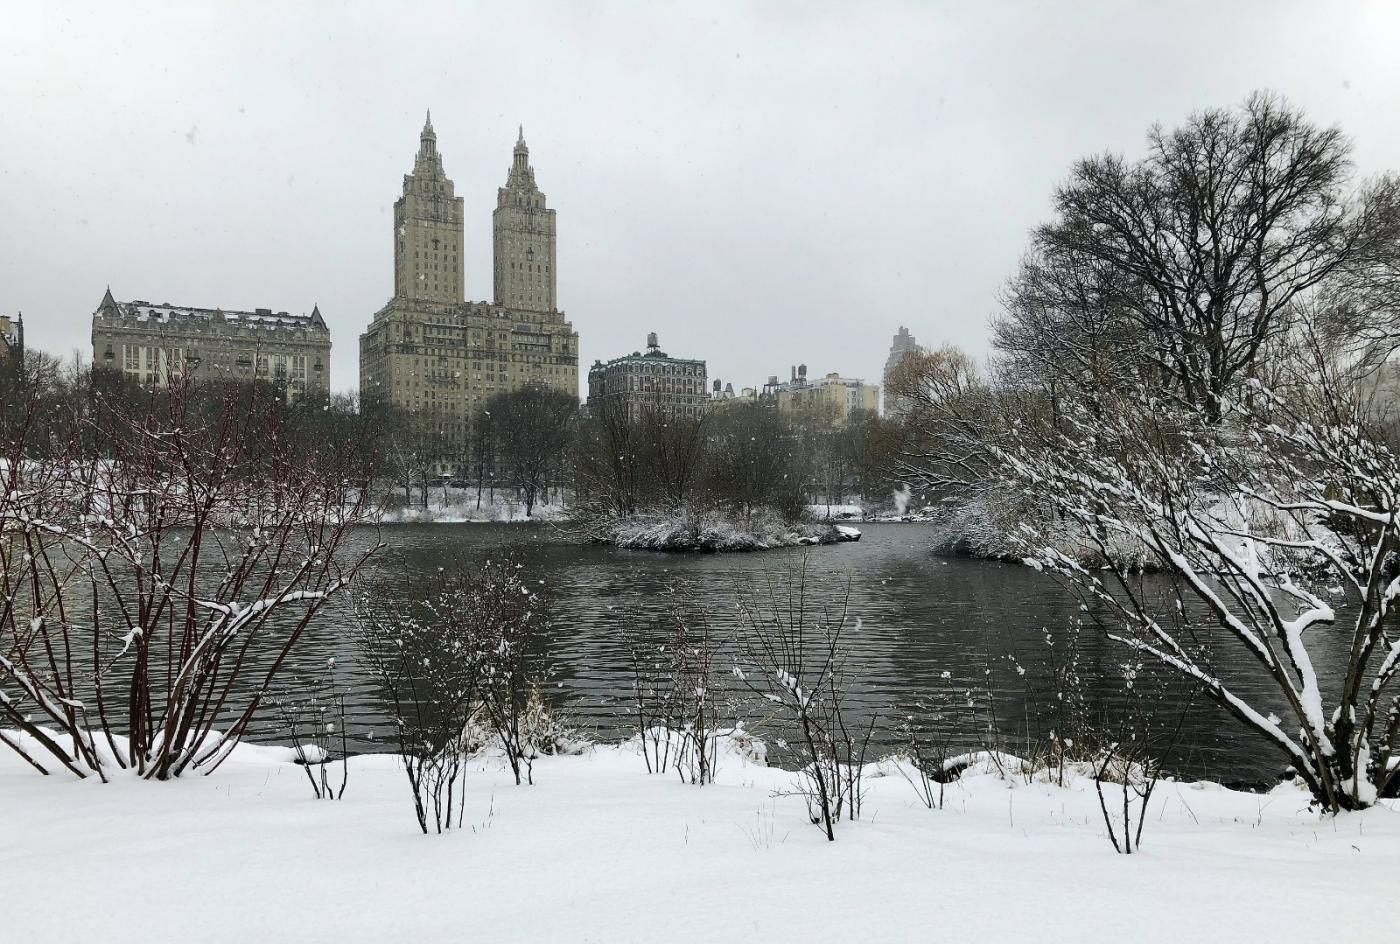 【田螺手机摄影】纽约雪景、还是中央公园最漂亮[二]_图1-1